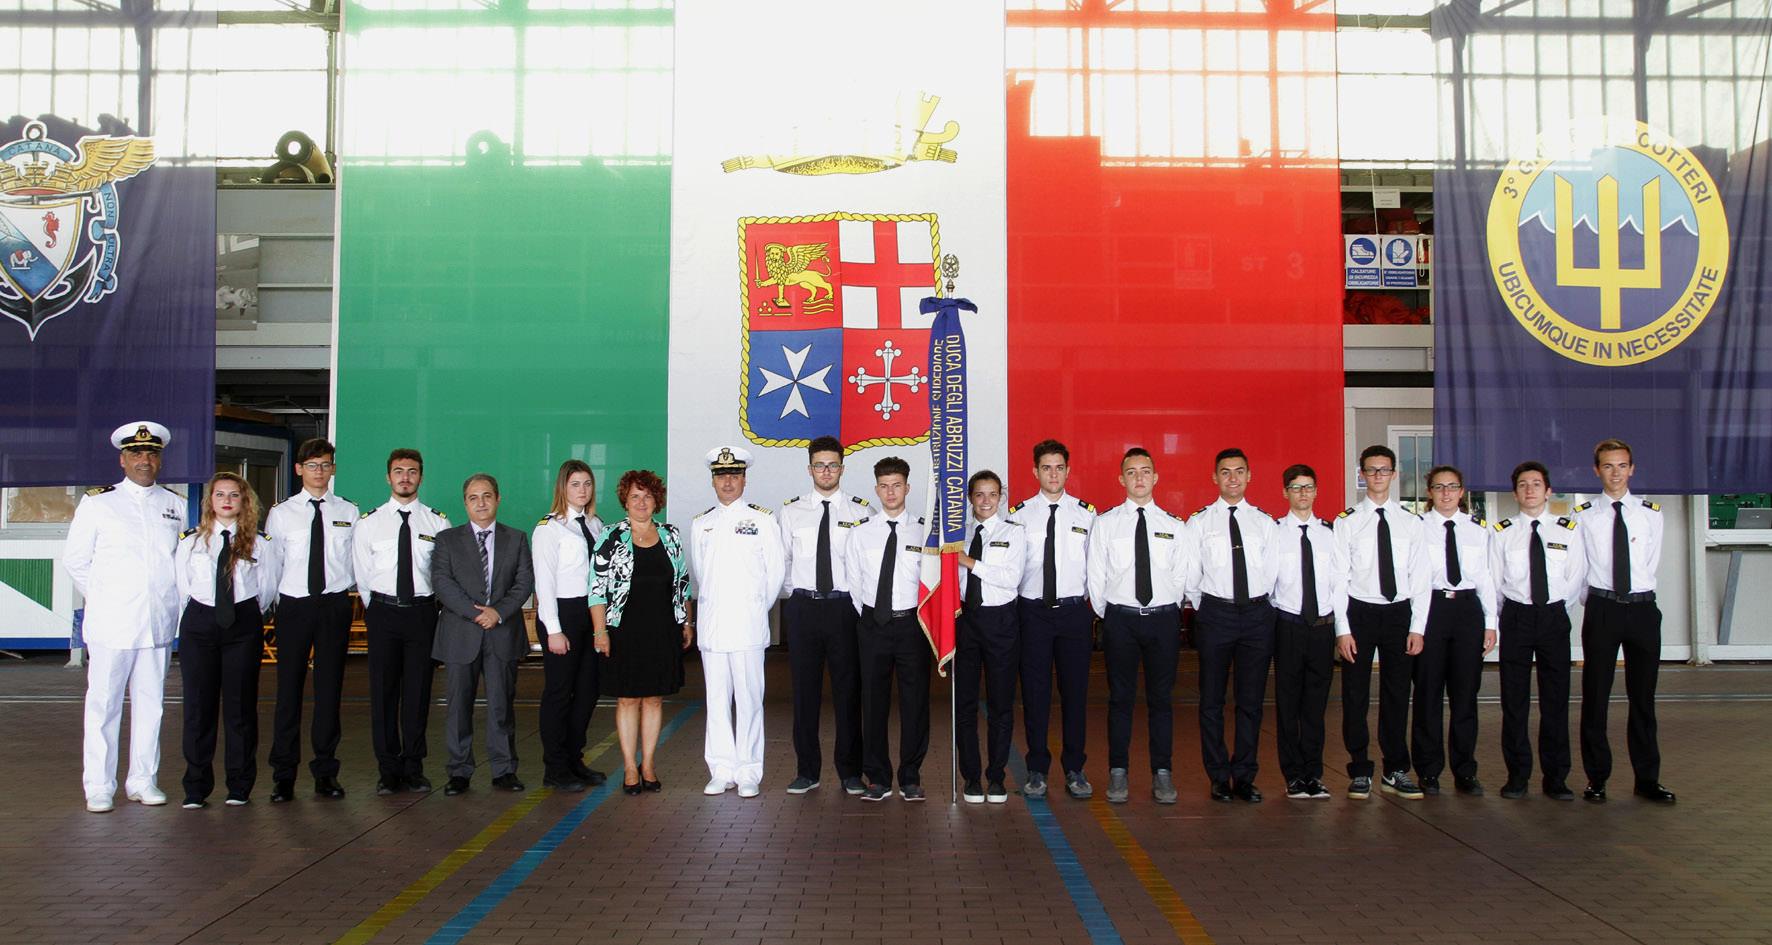 Maristaeli, ragazzi dell'Istituto Duca degli Abruzzi al cambio di comando